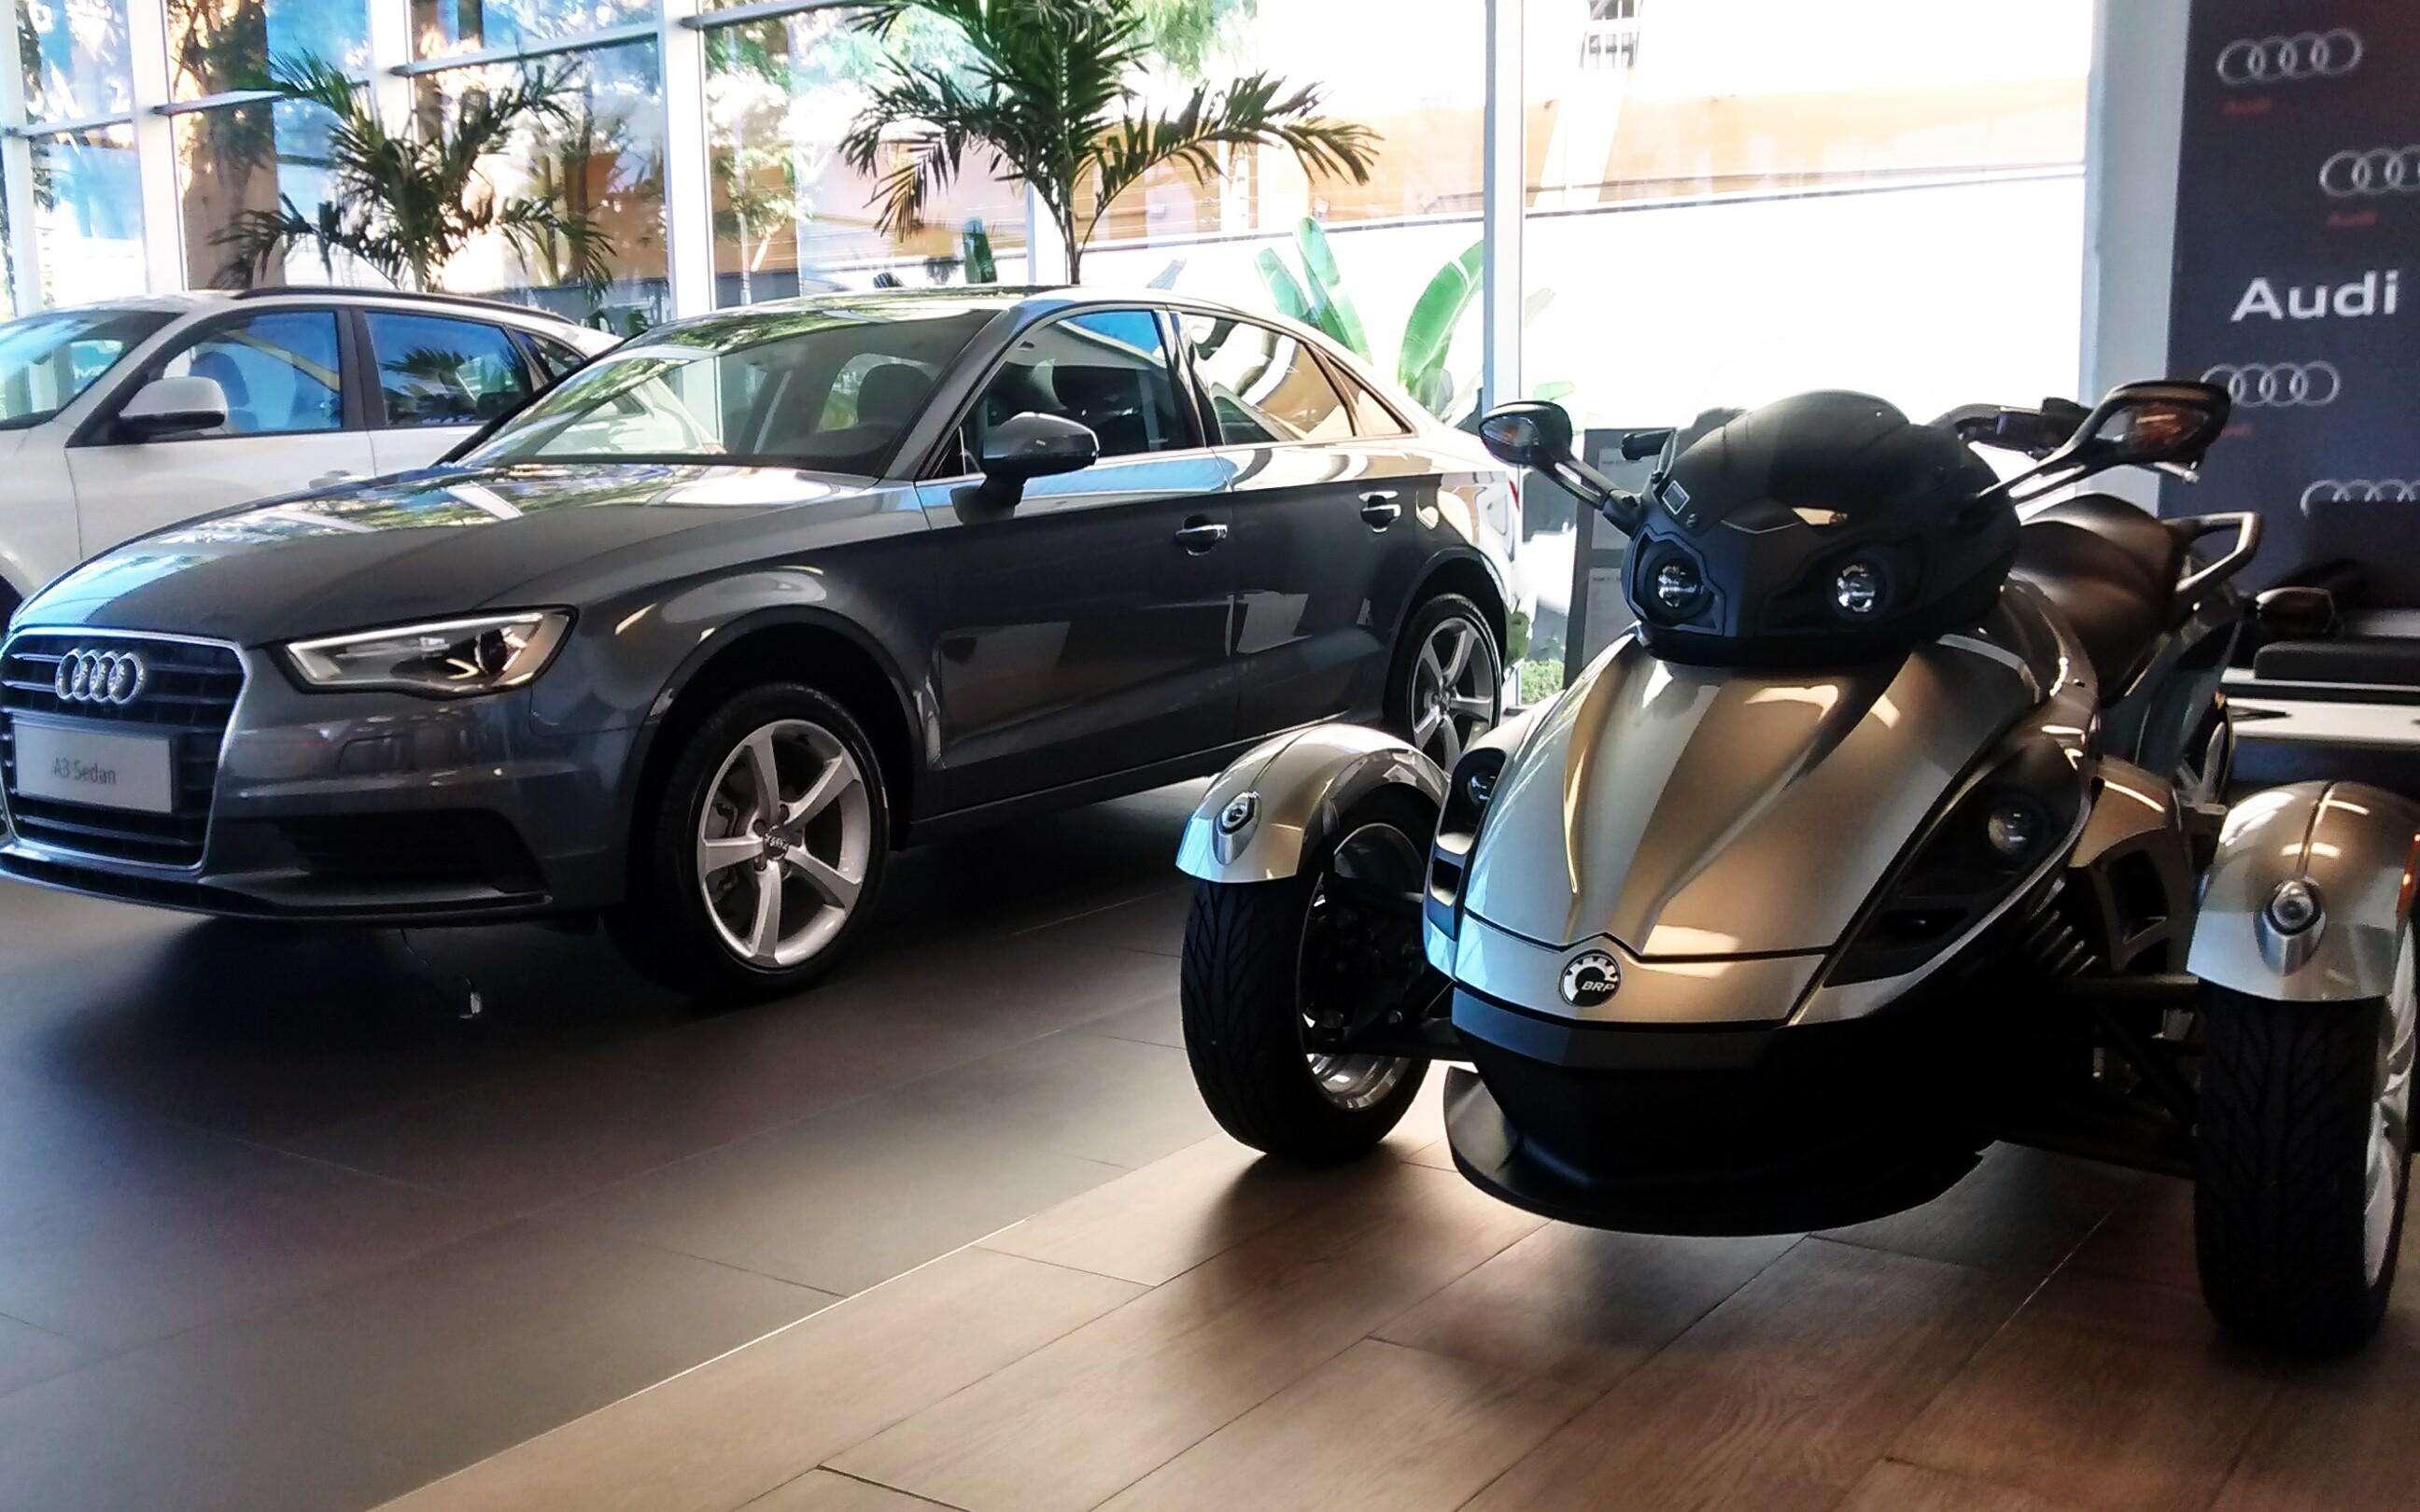 Audi Center Teresina promove Summer of Sales com atrações imperdíveis